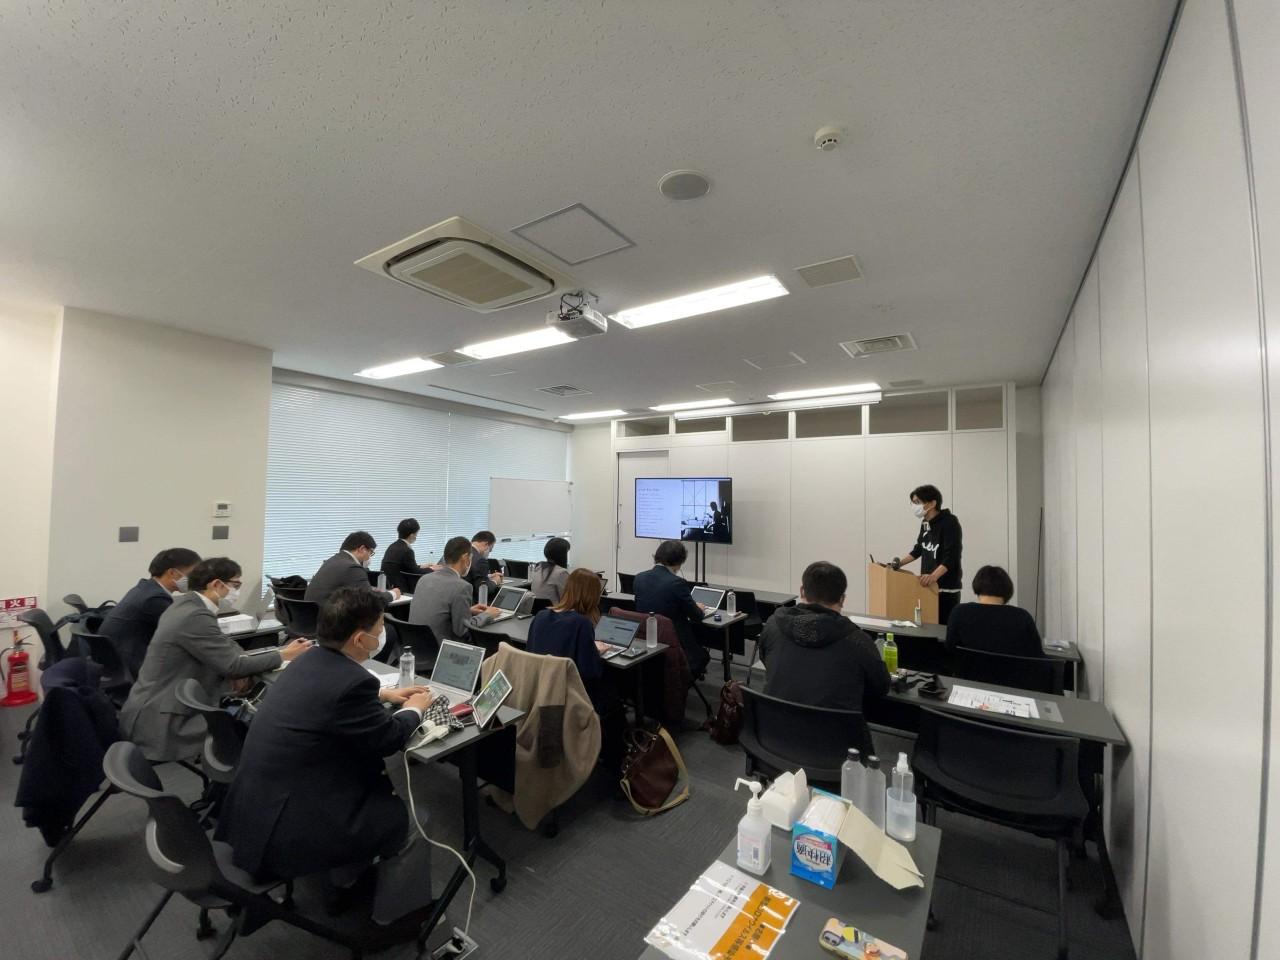 事業説明会はオンライン配信とオフラインを合わせて15名くらいのメディアが参加した。